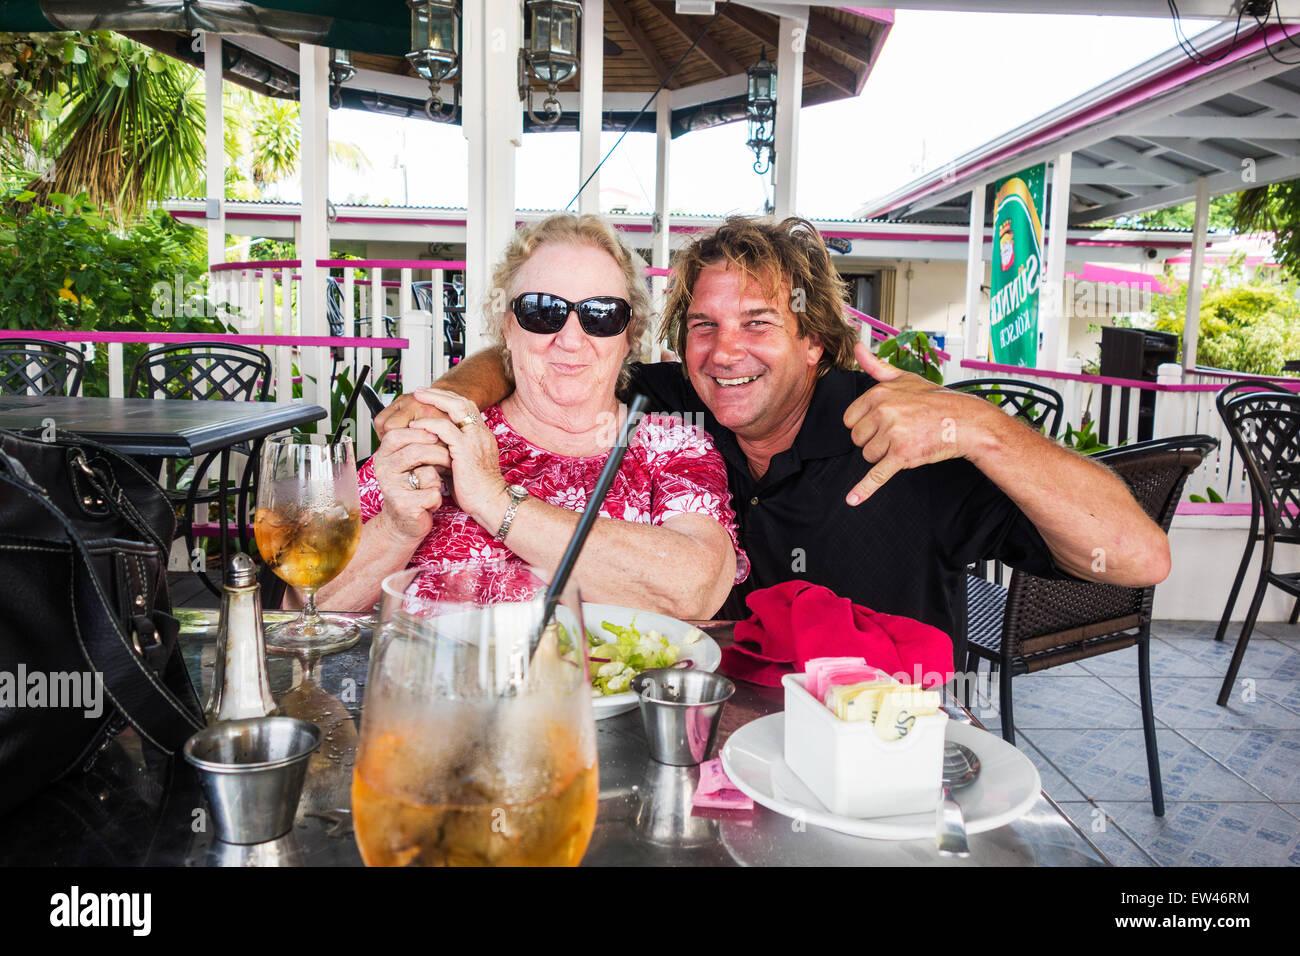 A 78 ans caucasien femme est gêné par l'étreinte d'un étranger sur la terrasse d'un Photo Stock